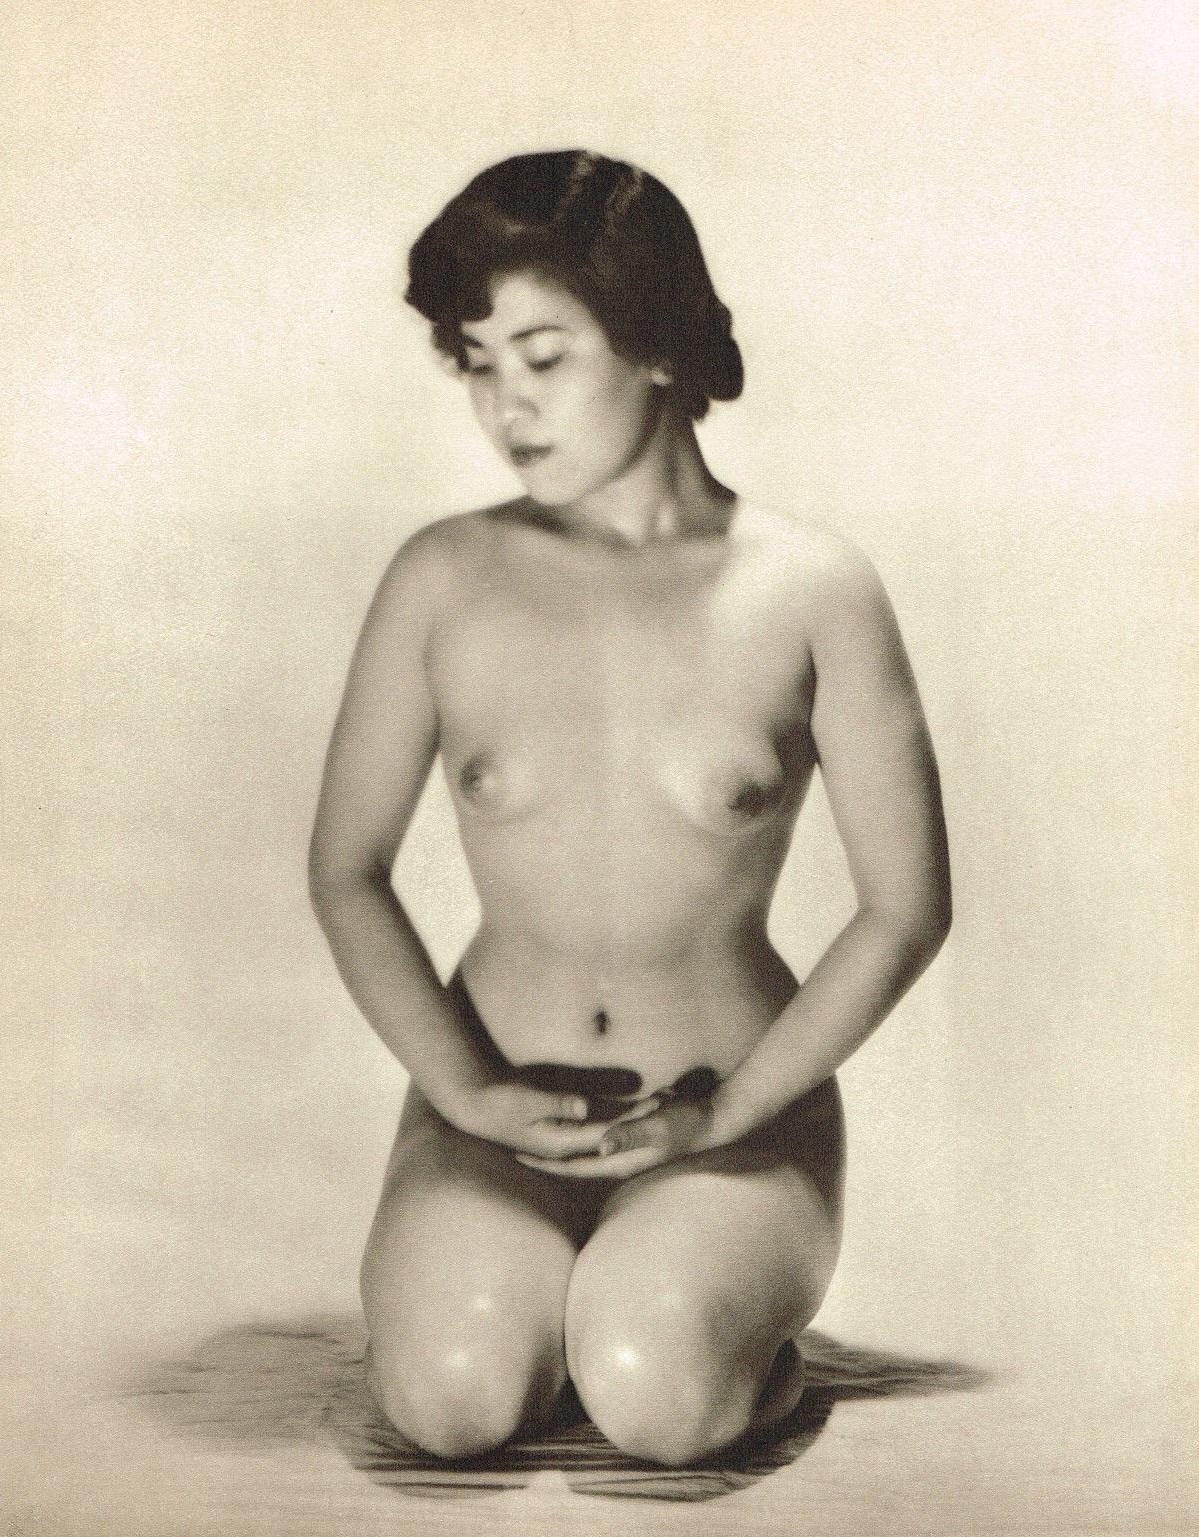 John Everard- kneeling Asian Filipino nude photogravure 1950Oriental Model Published by Robert Hale Ltd., London in 1955.